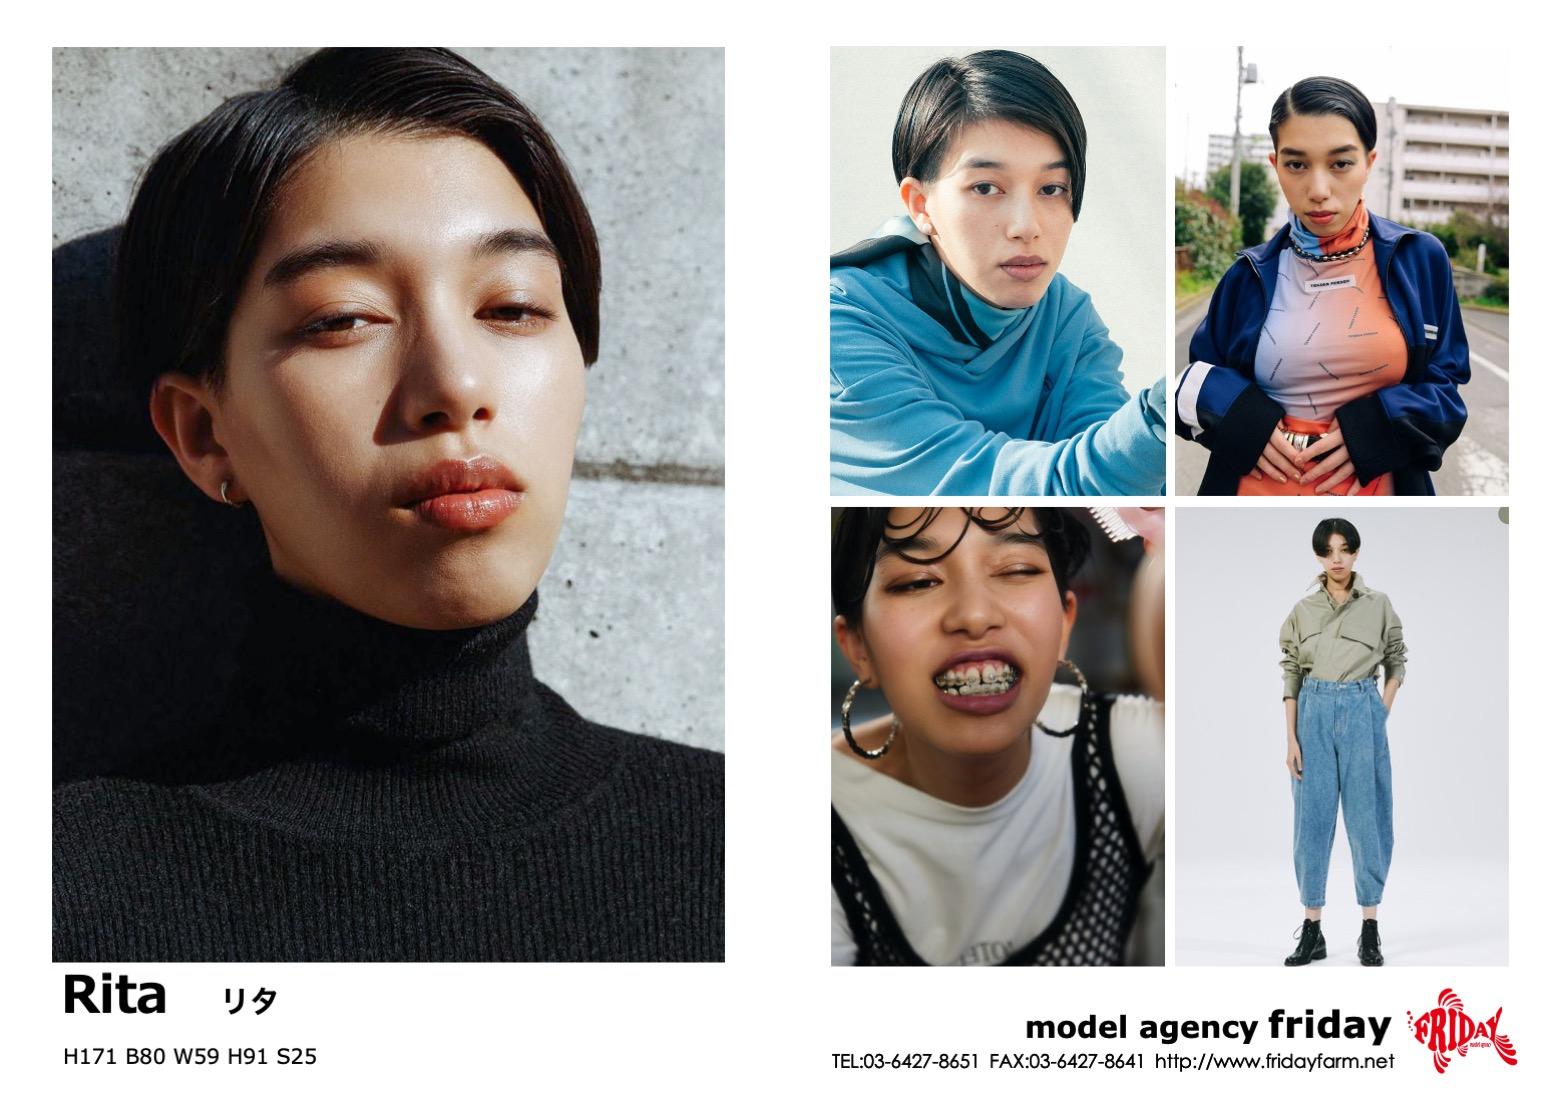 Rita - リタ   model agency friday